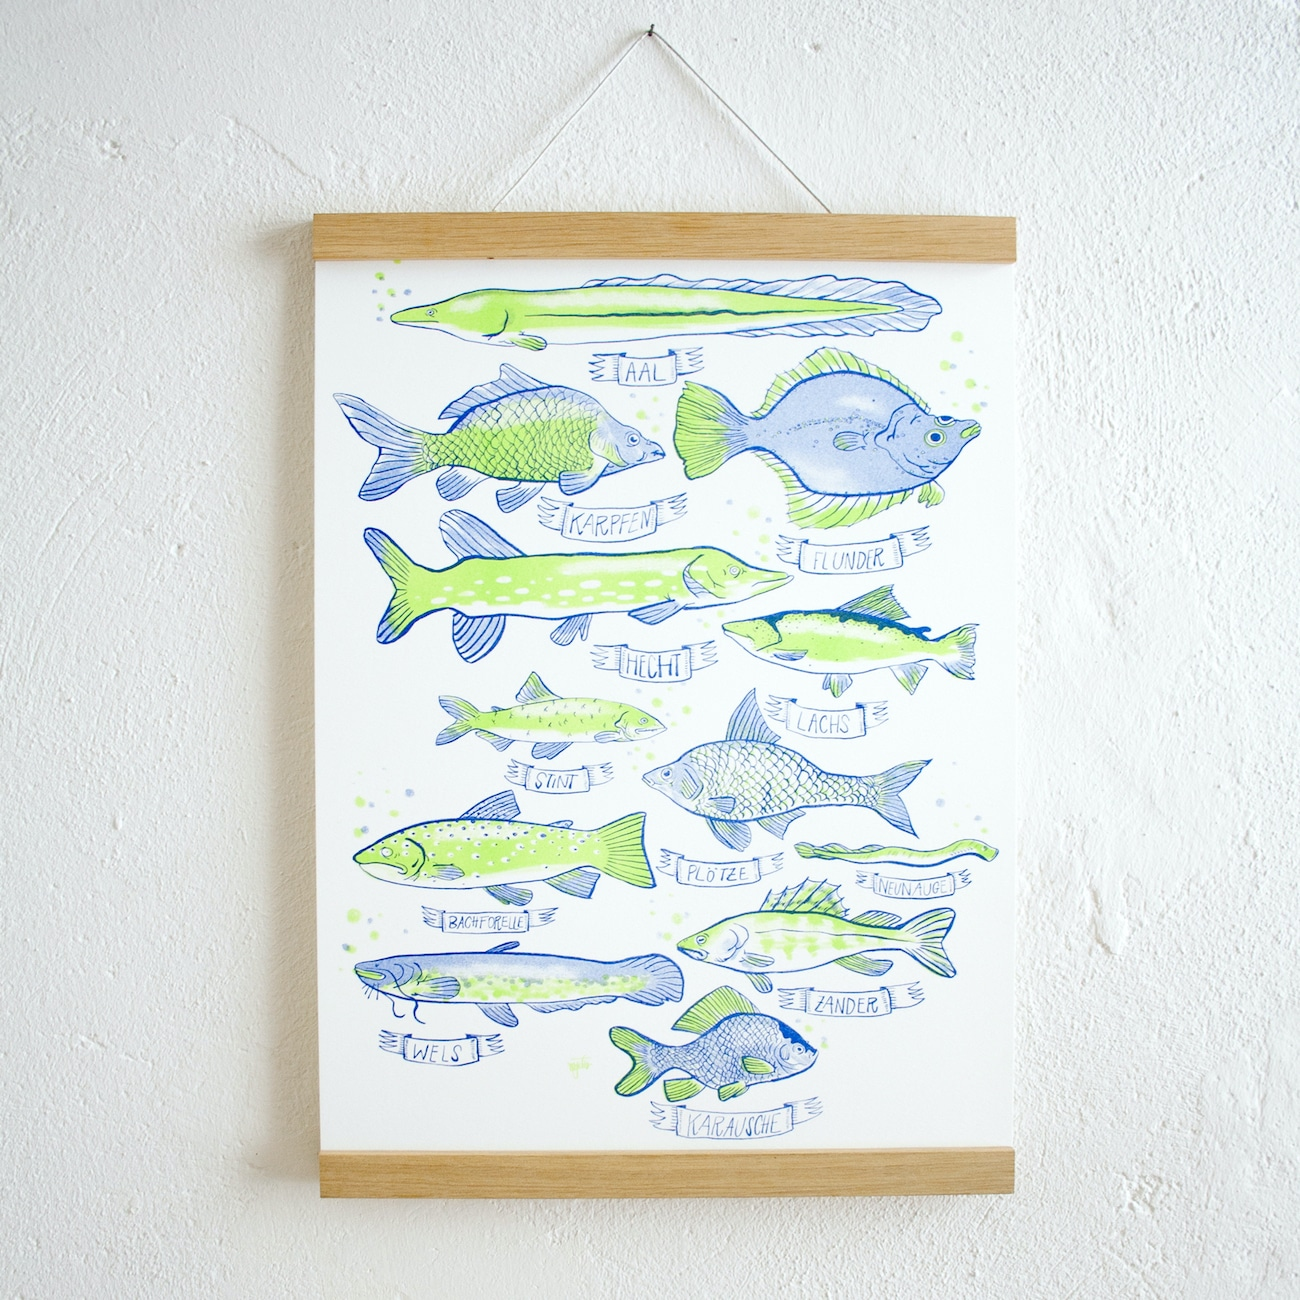 Geschenktipp: Fische-Plakat illustriert mit Posterleiste